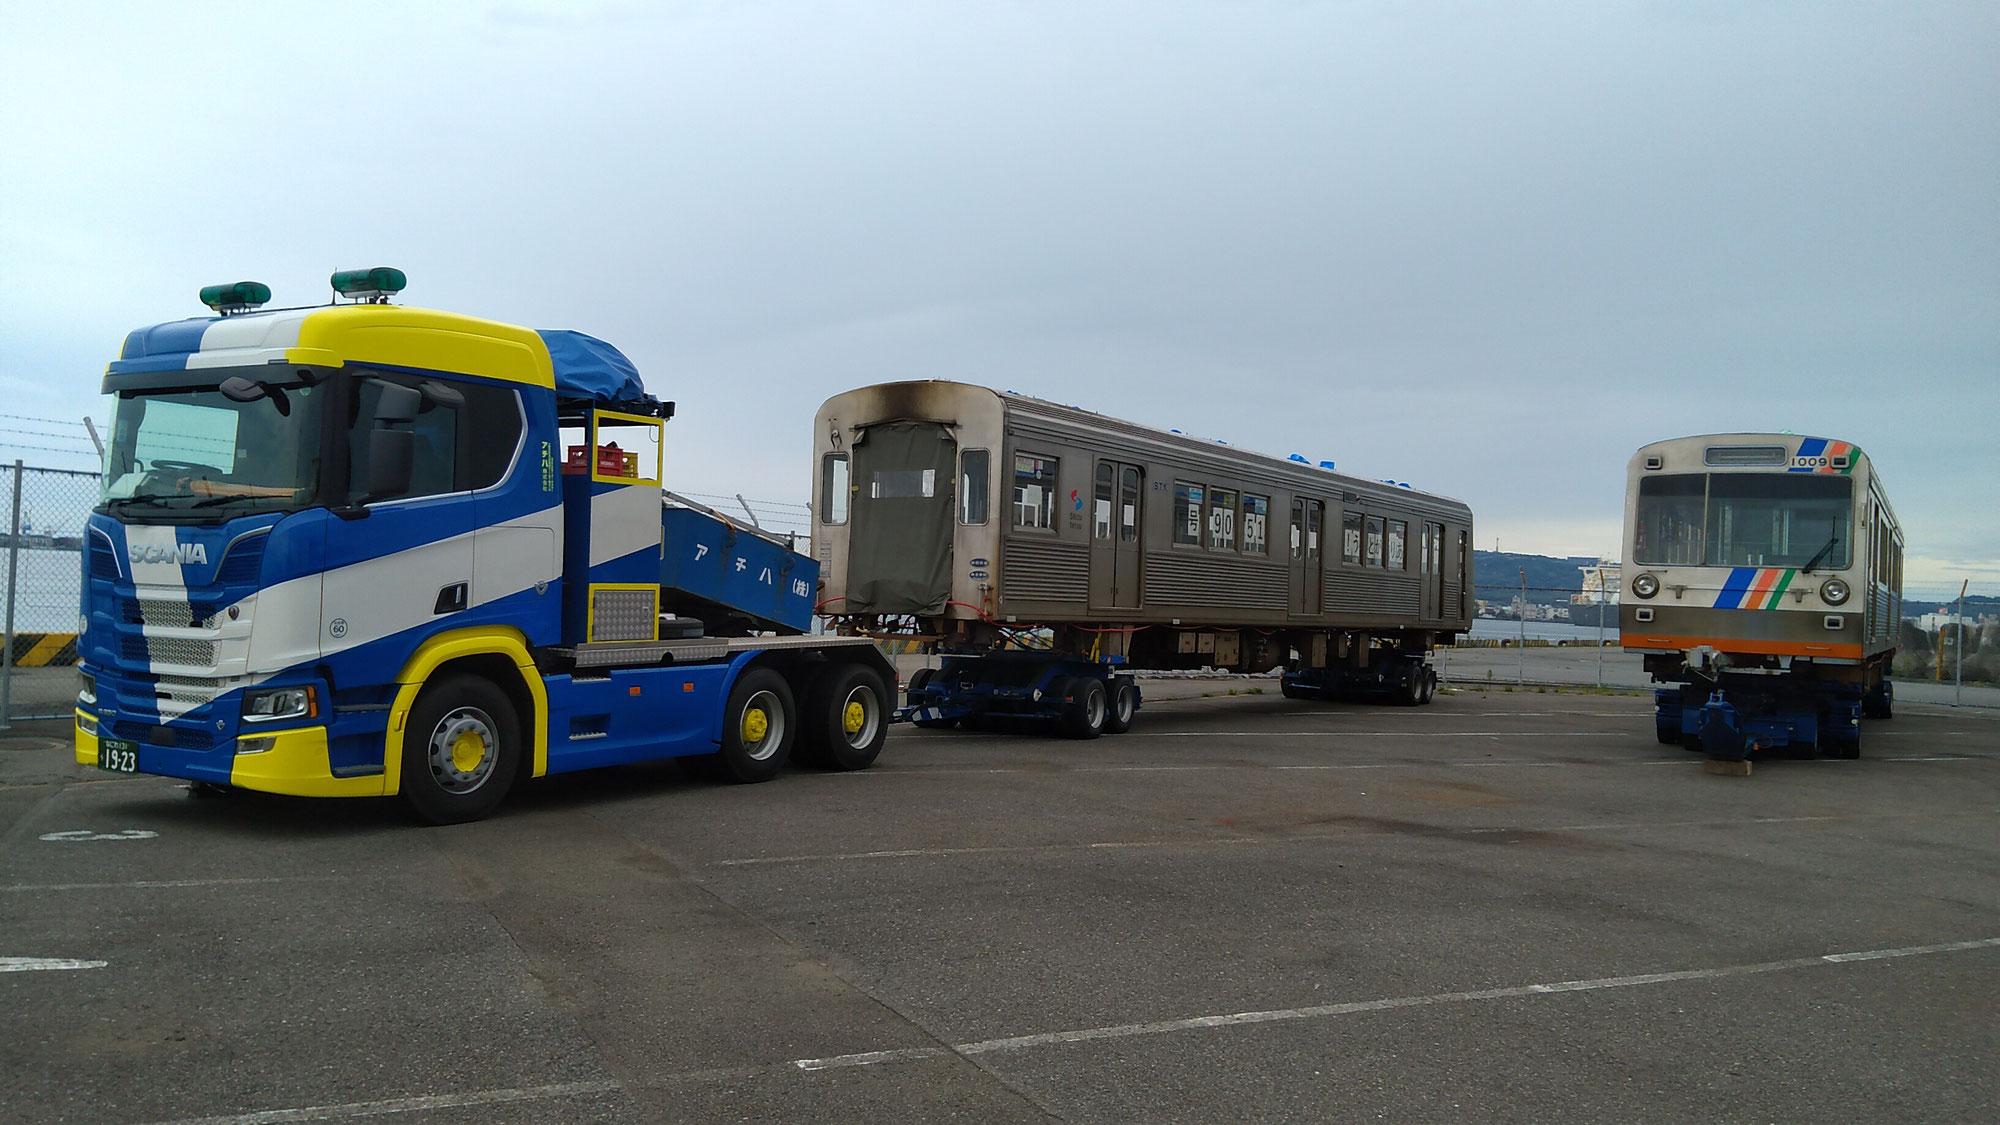 清水発_静鉄電車がRORO船で熊本へ!